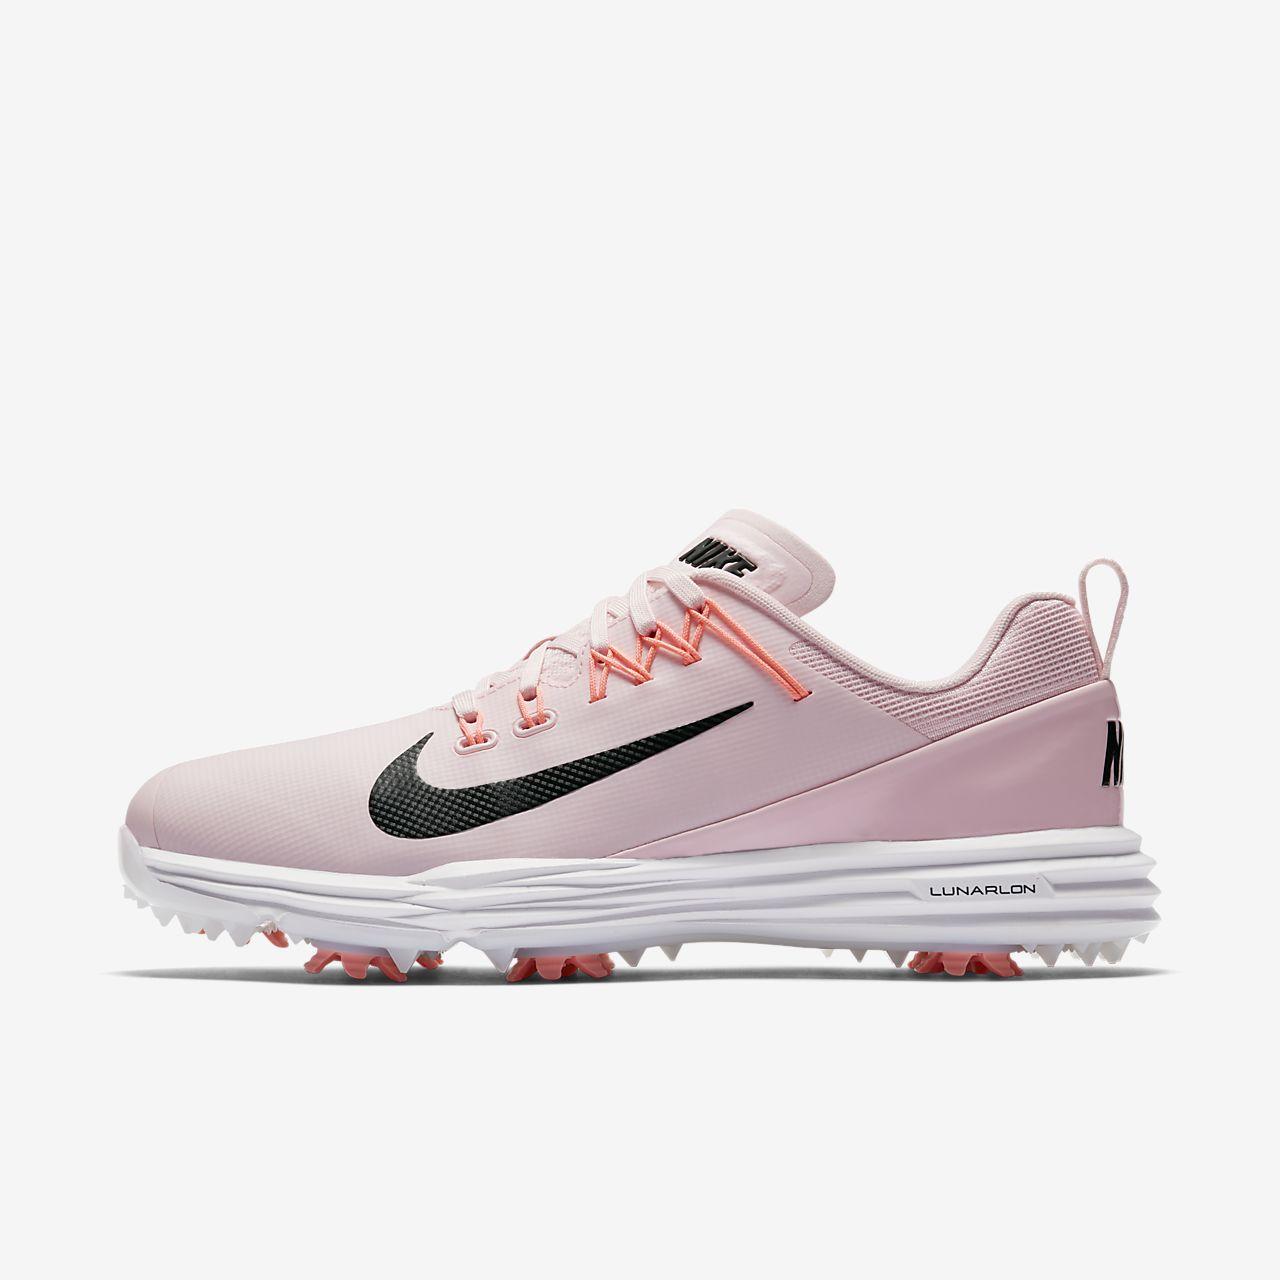 ... Nike Lunar Command 2 Women's Golf Shoe